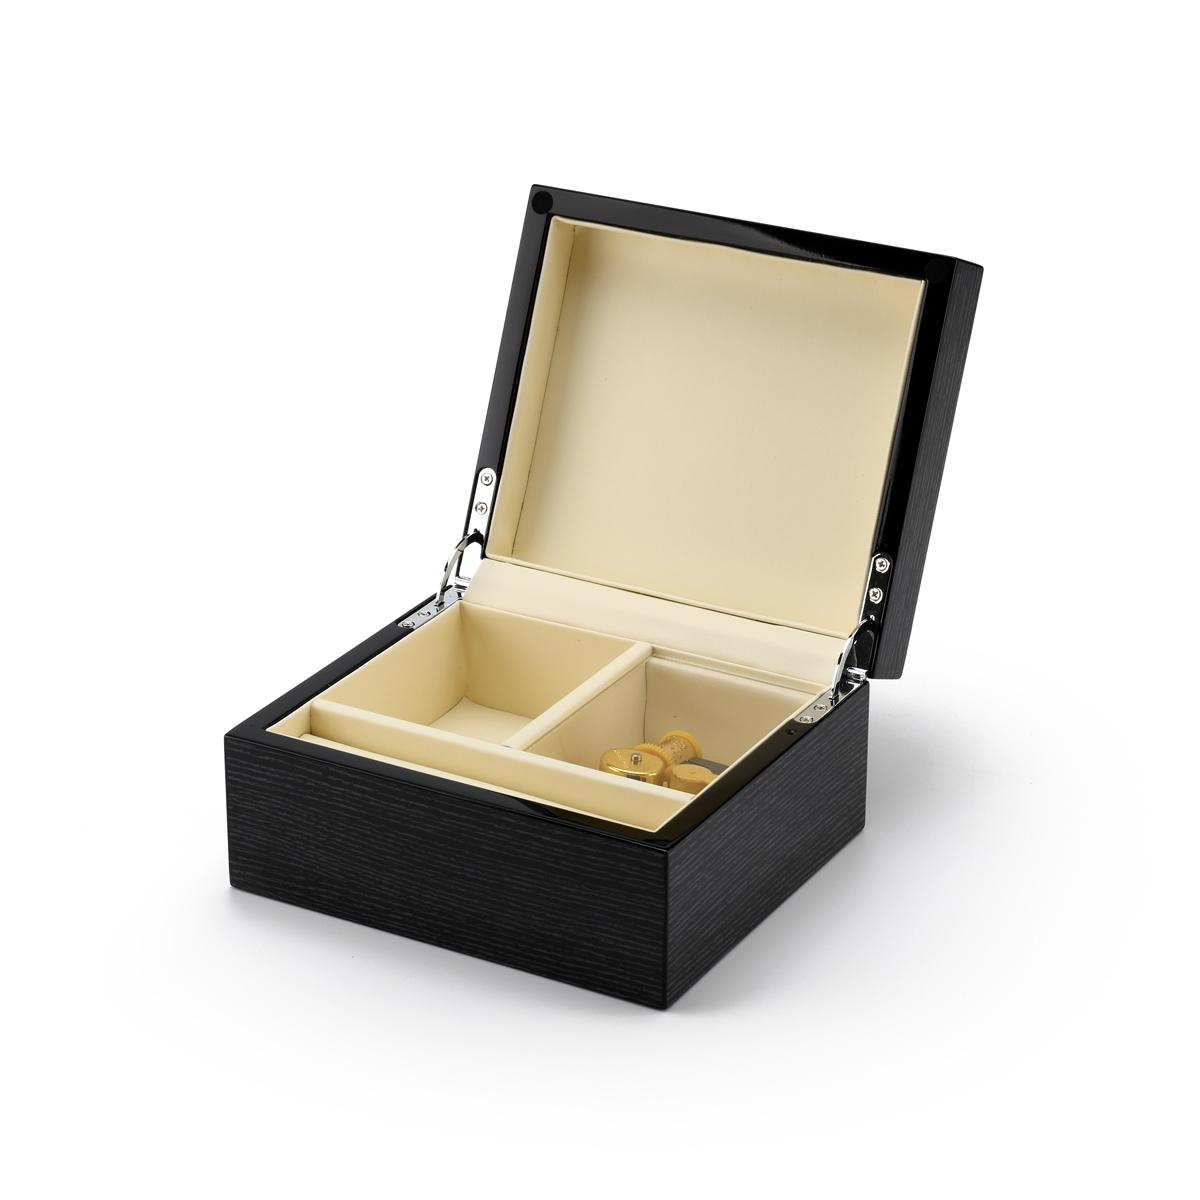 Ultra-Modern 36 Note Hi Gloss Black Apricot finish 3.6 LCD Video Jewelry Box